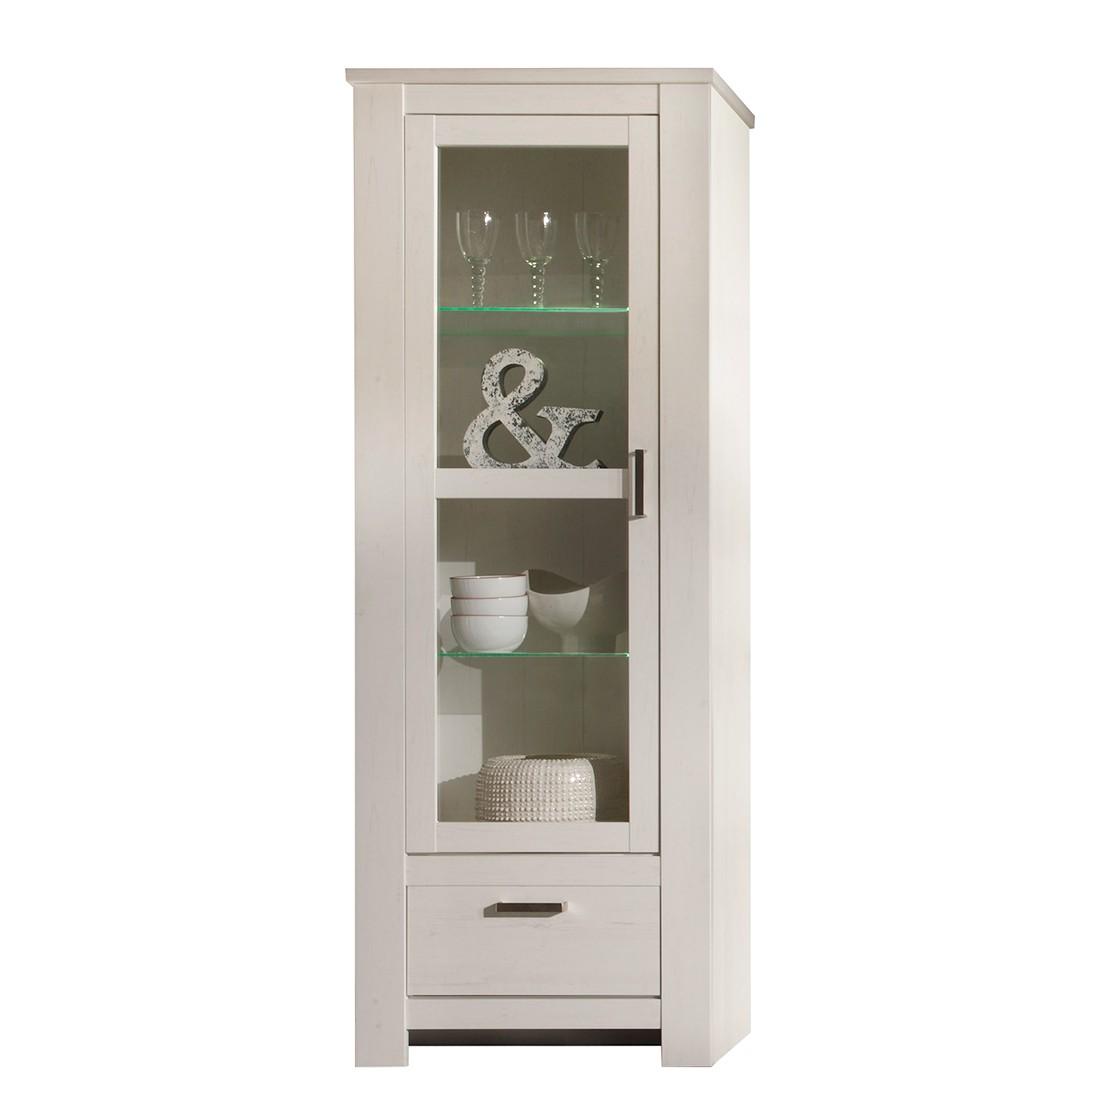 standvitrine rostock ii pinie wei dekor kerkhoff online kaufen. Black Bedroom Furniture Sets. Home Design Ideas